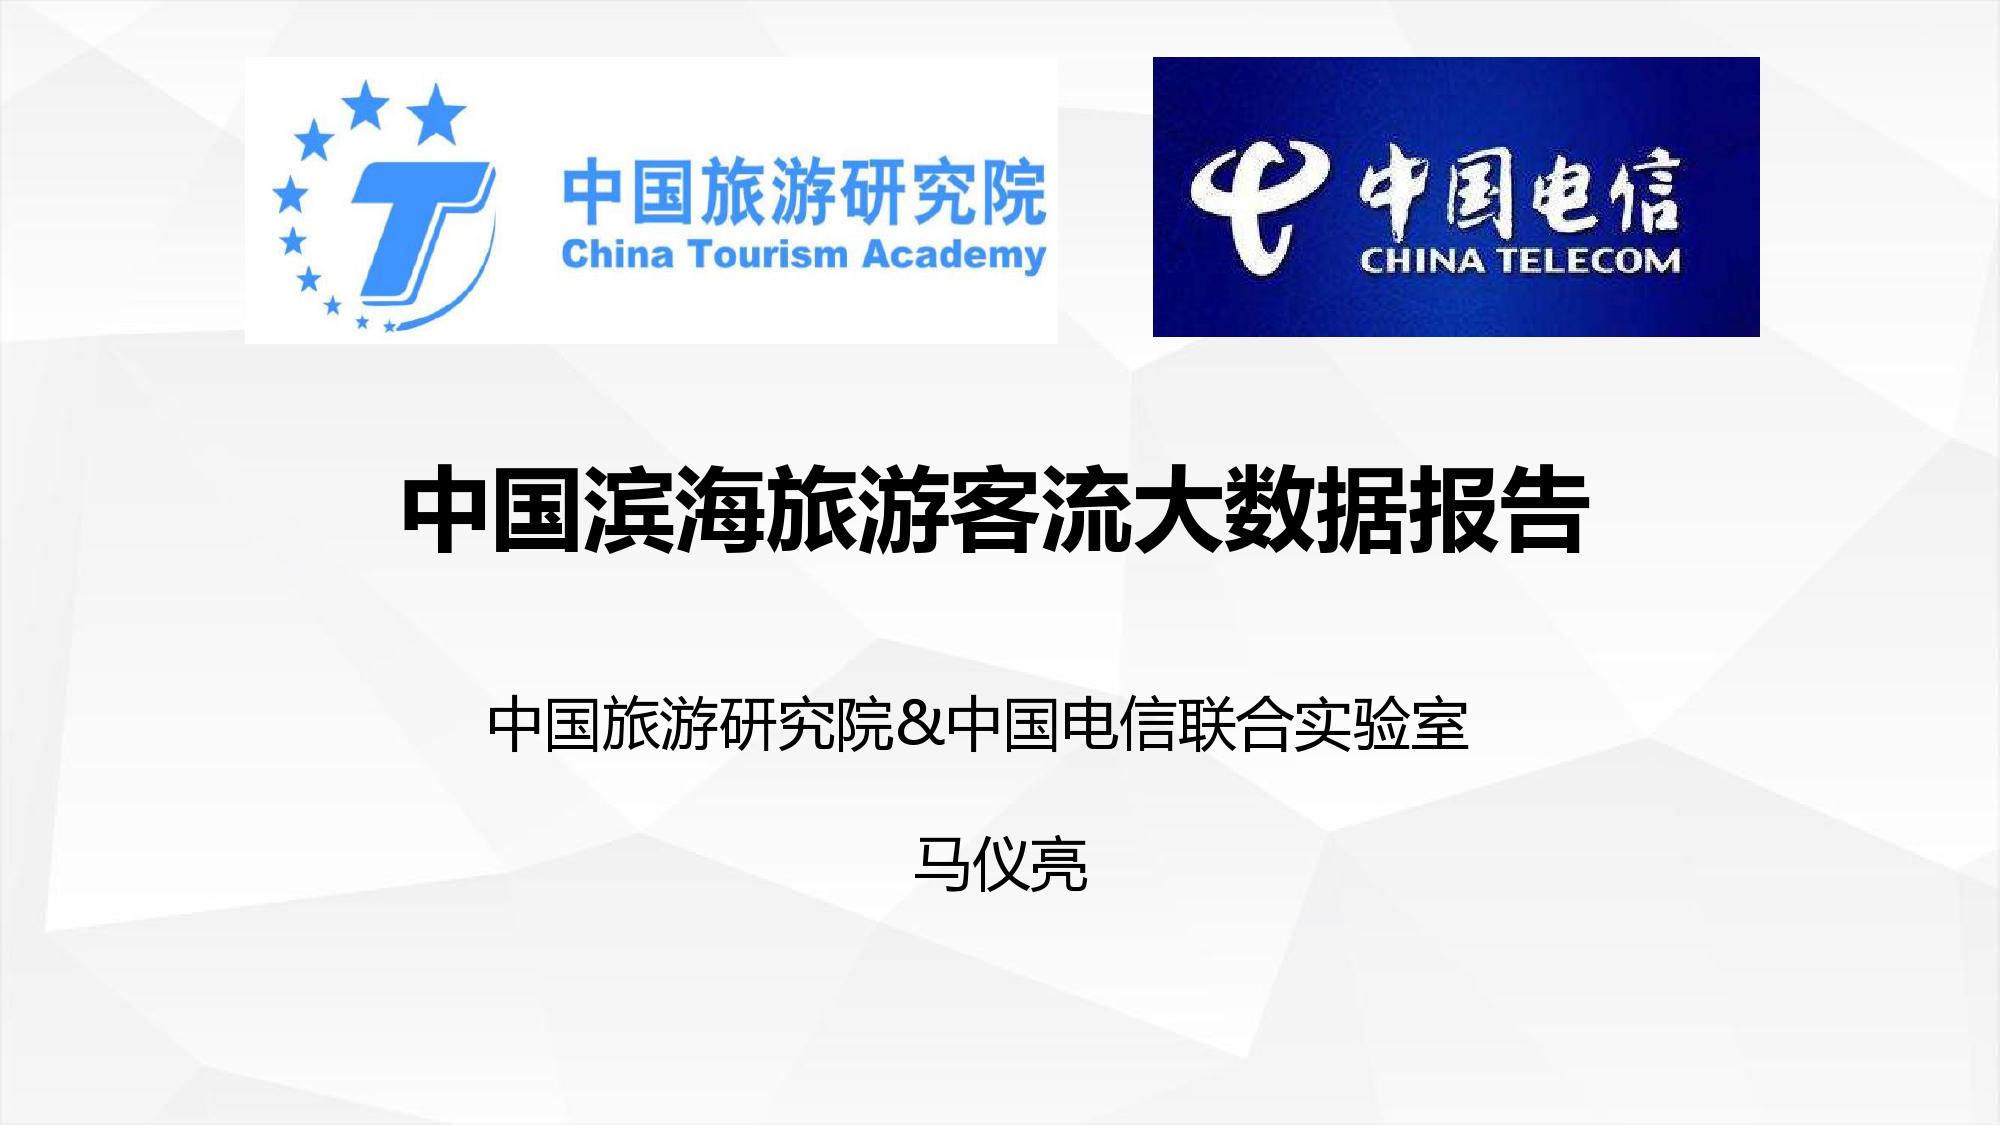 中国旅游研究院:2018中国滨海旅游客流大数据报告(附下载)